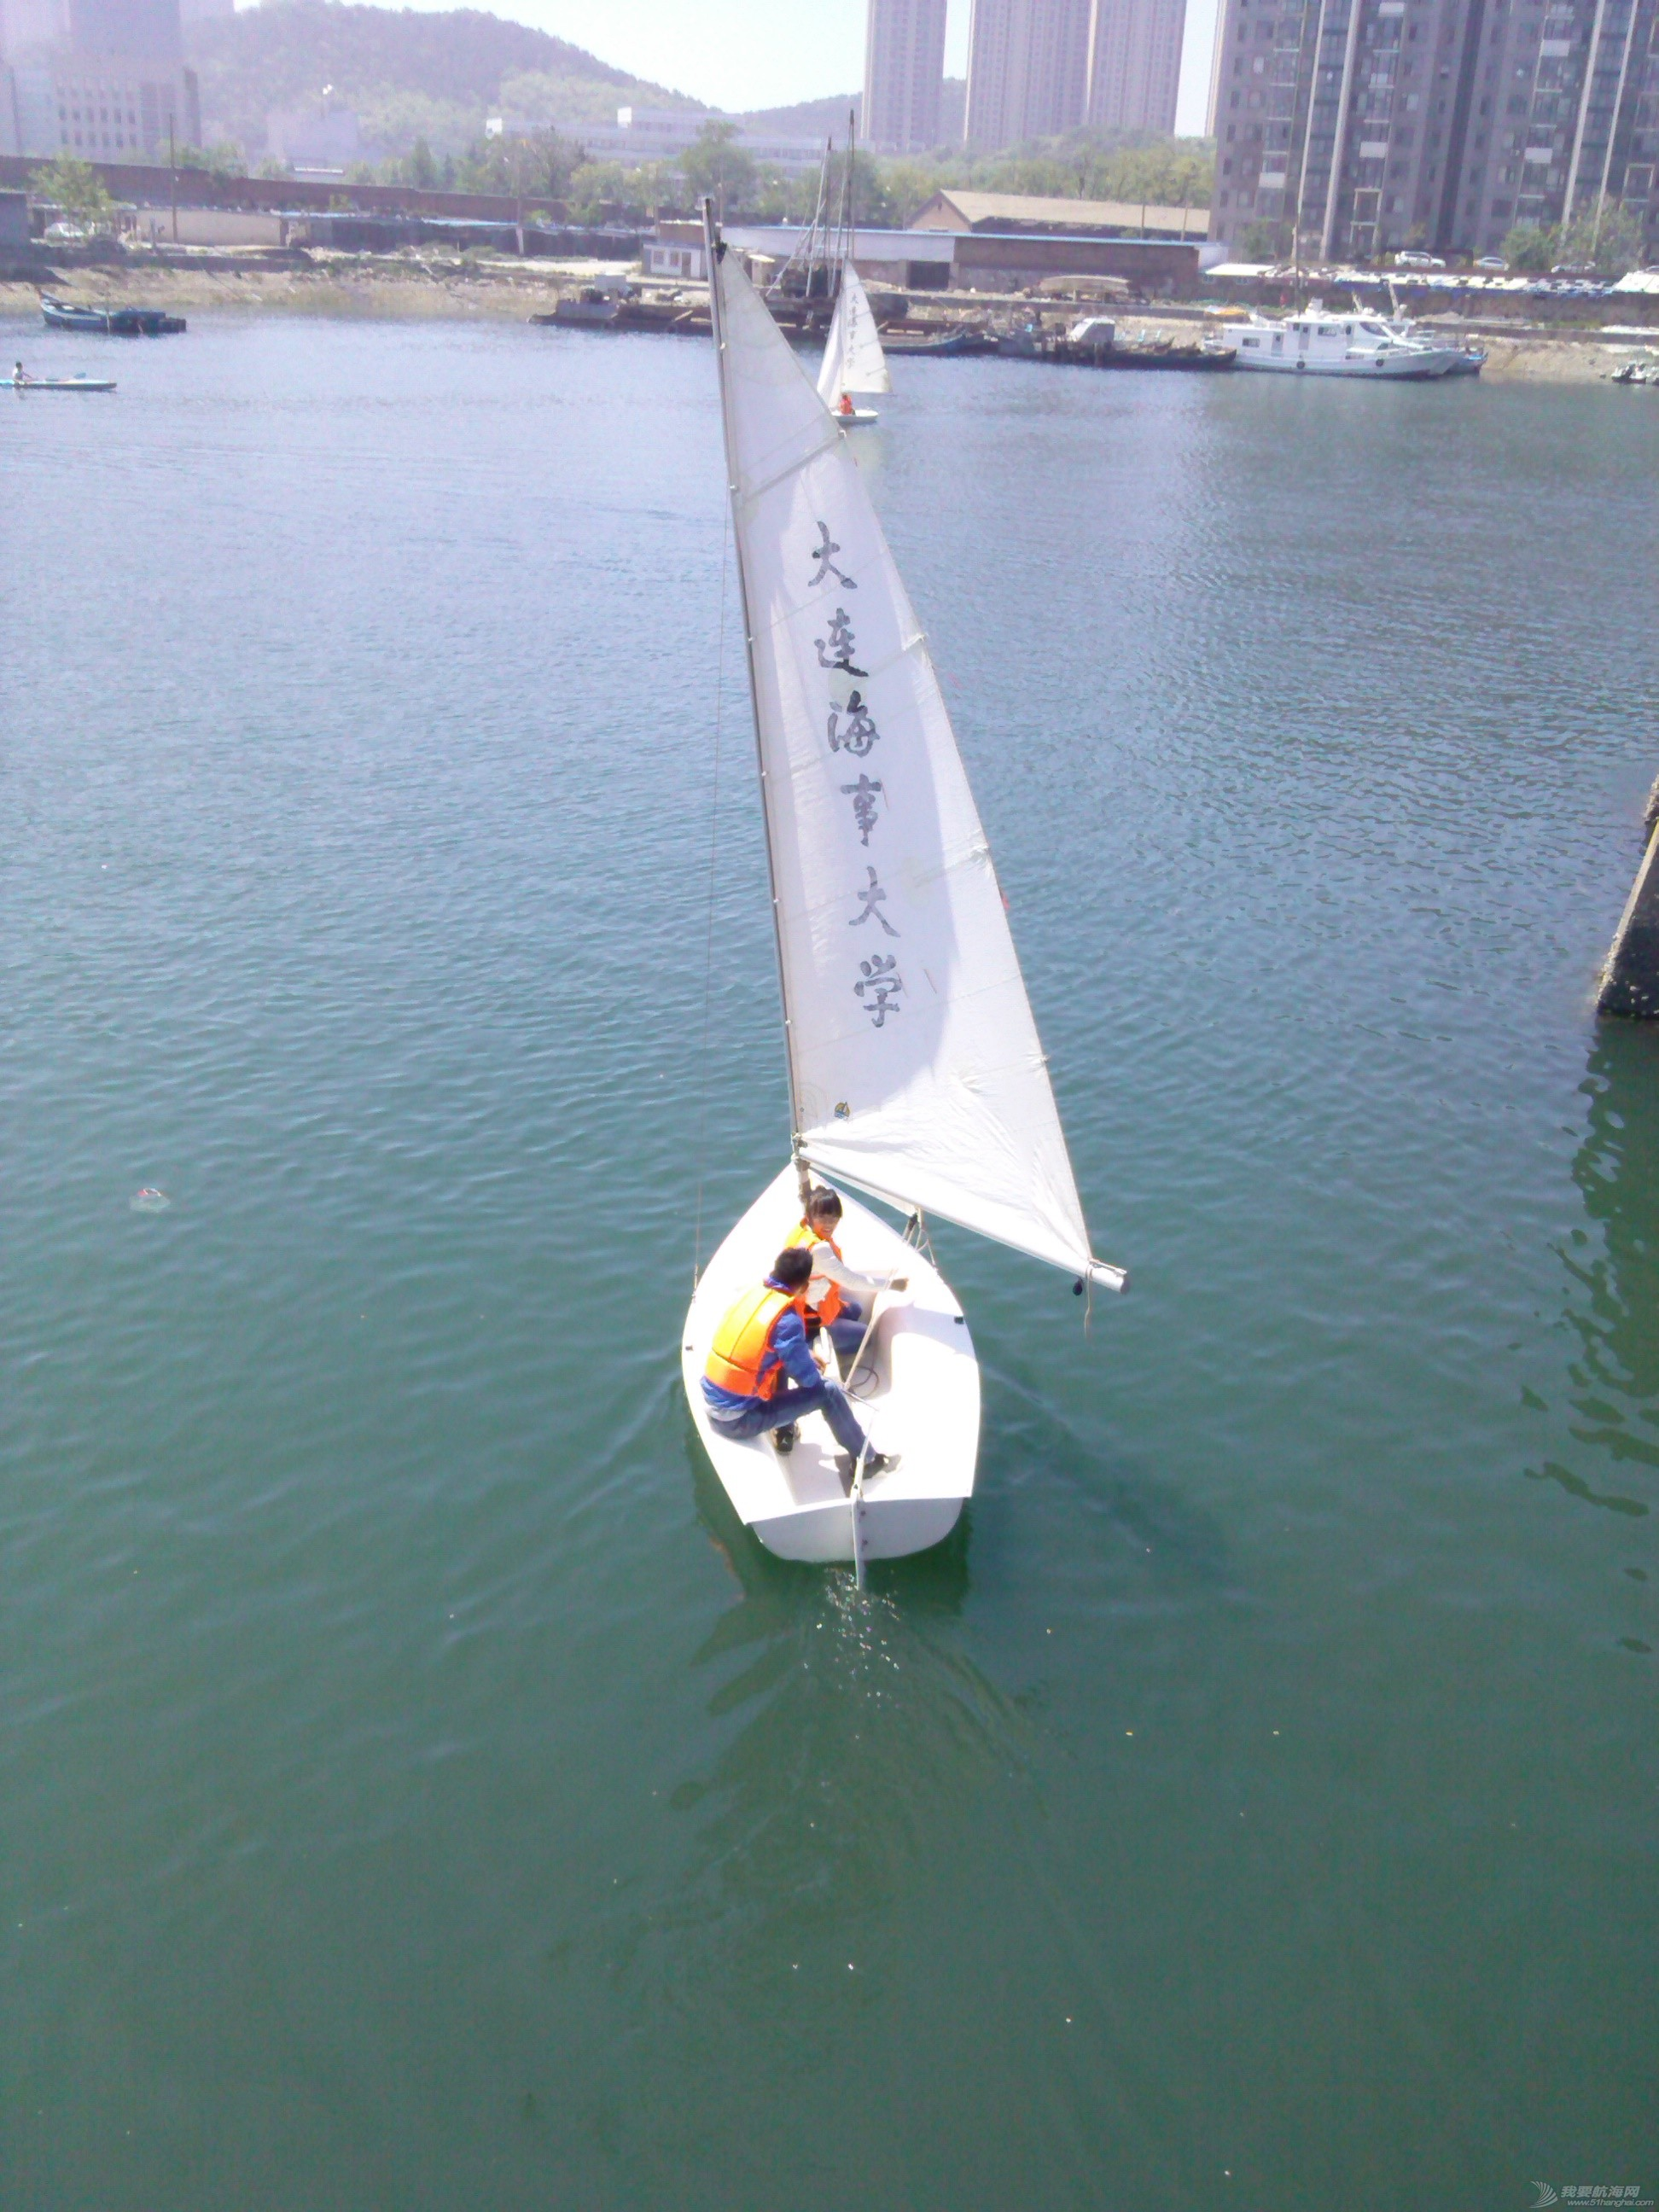 大连海事,大学,帆船 大连海事大学帆船队之第二次免费体验活动20150524